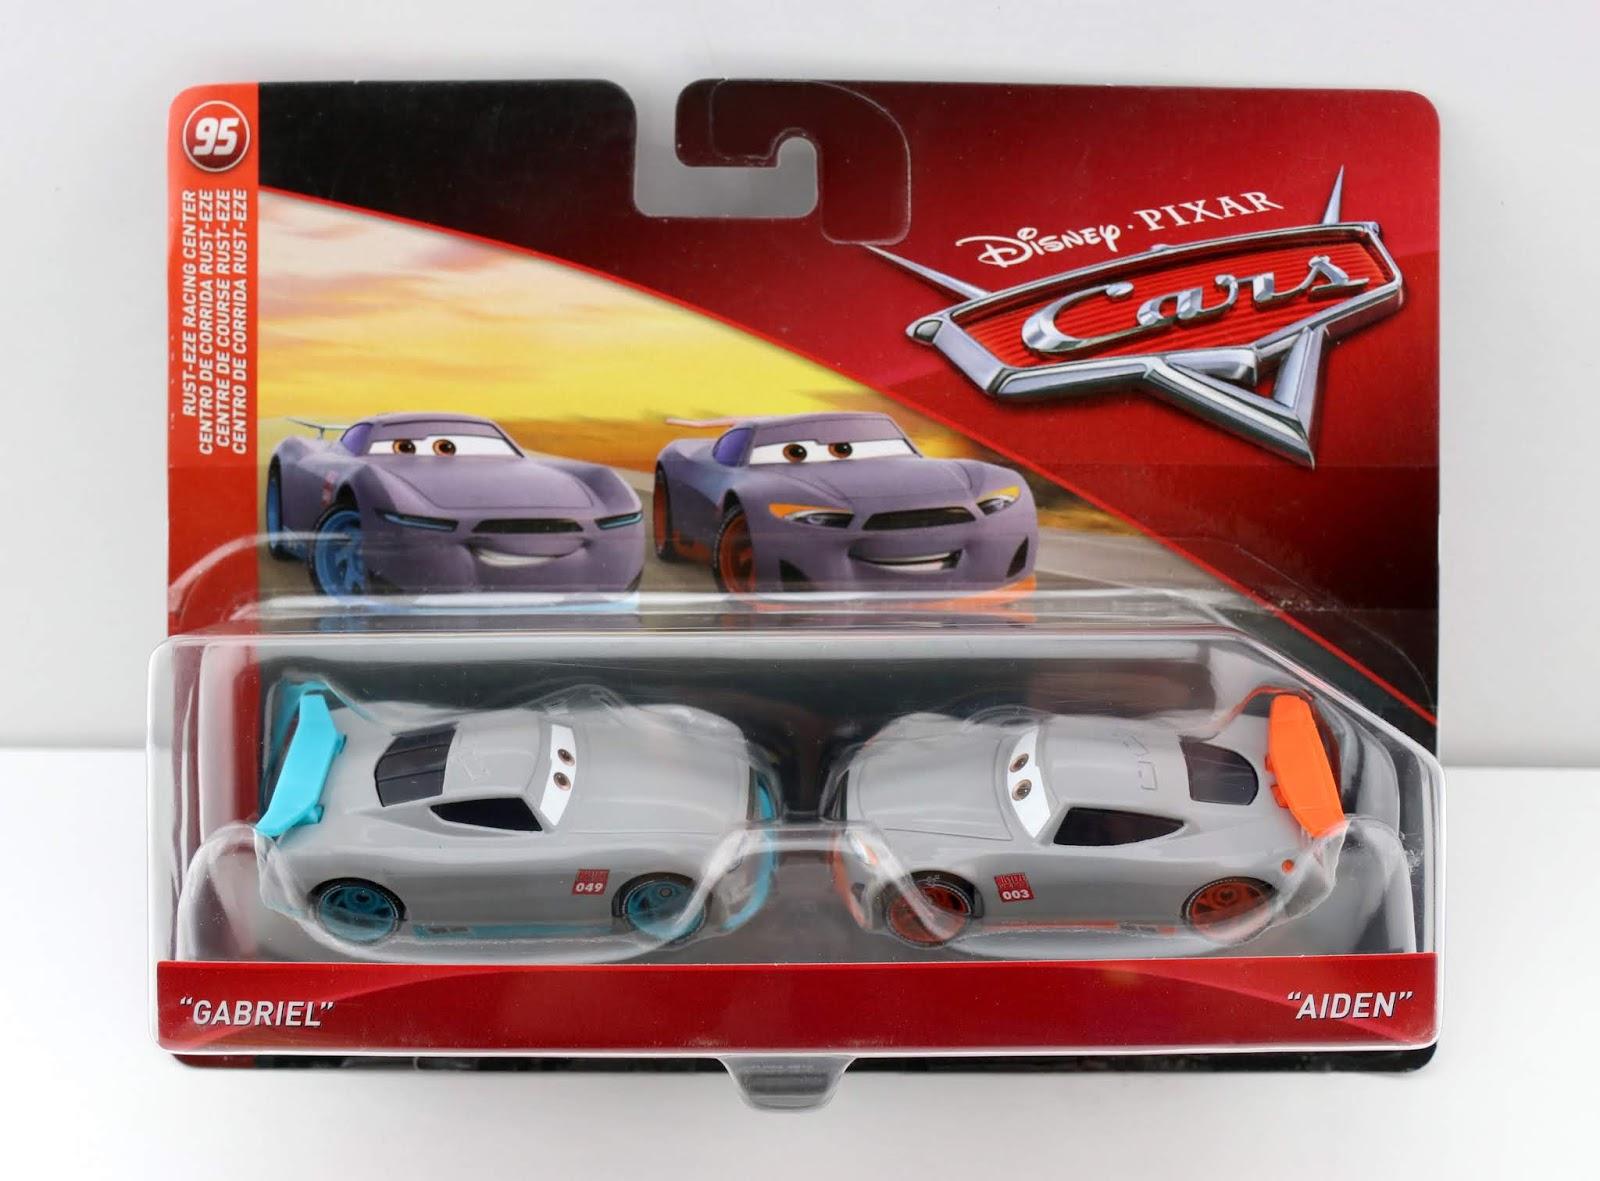 Cars 3 Gabriel & Aiden diecast